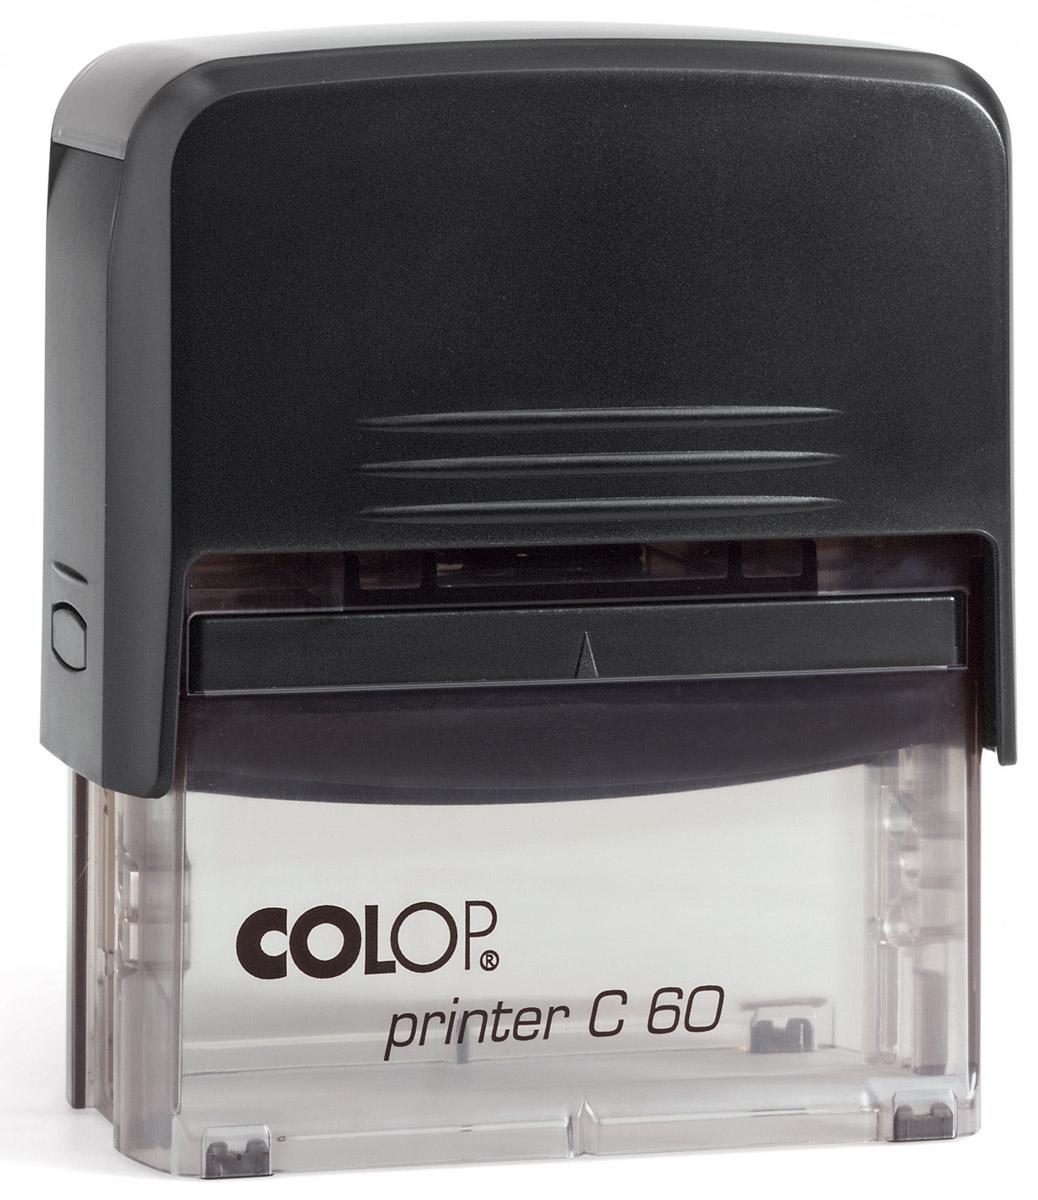 Colop Штамп самонаборный девятистрочный Printer C60 colop настольная штемпельная подушка цвет синий 90 х 160 мм